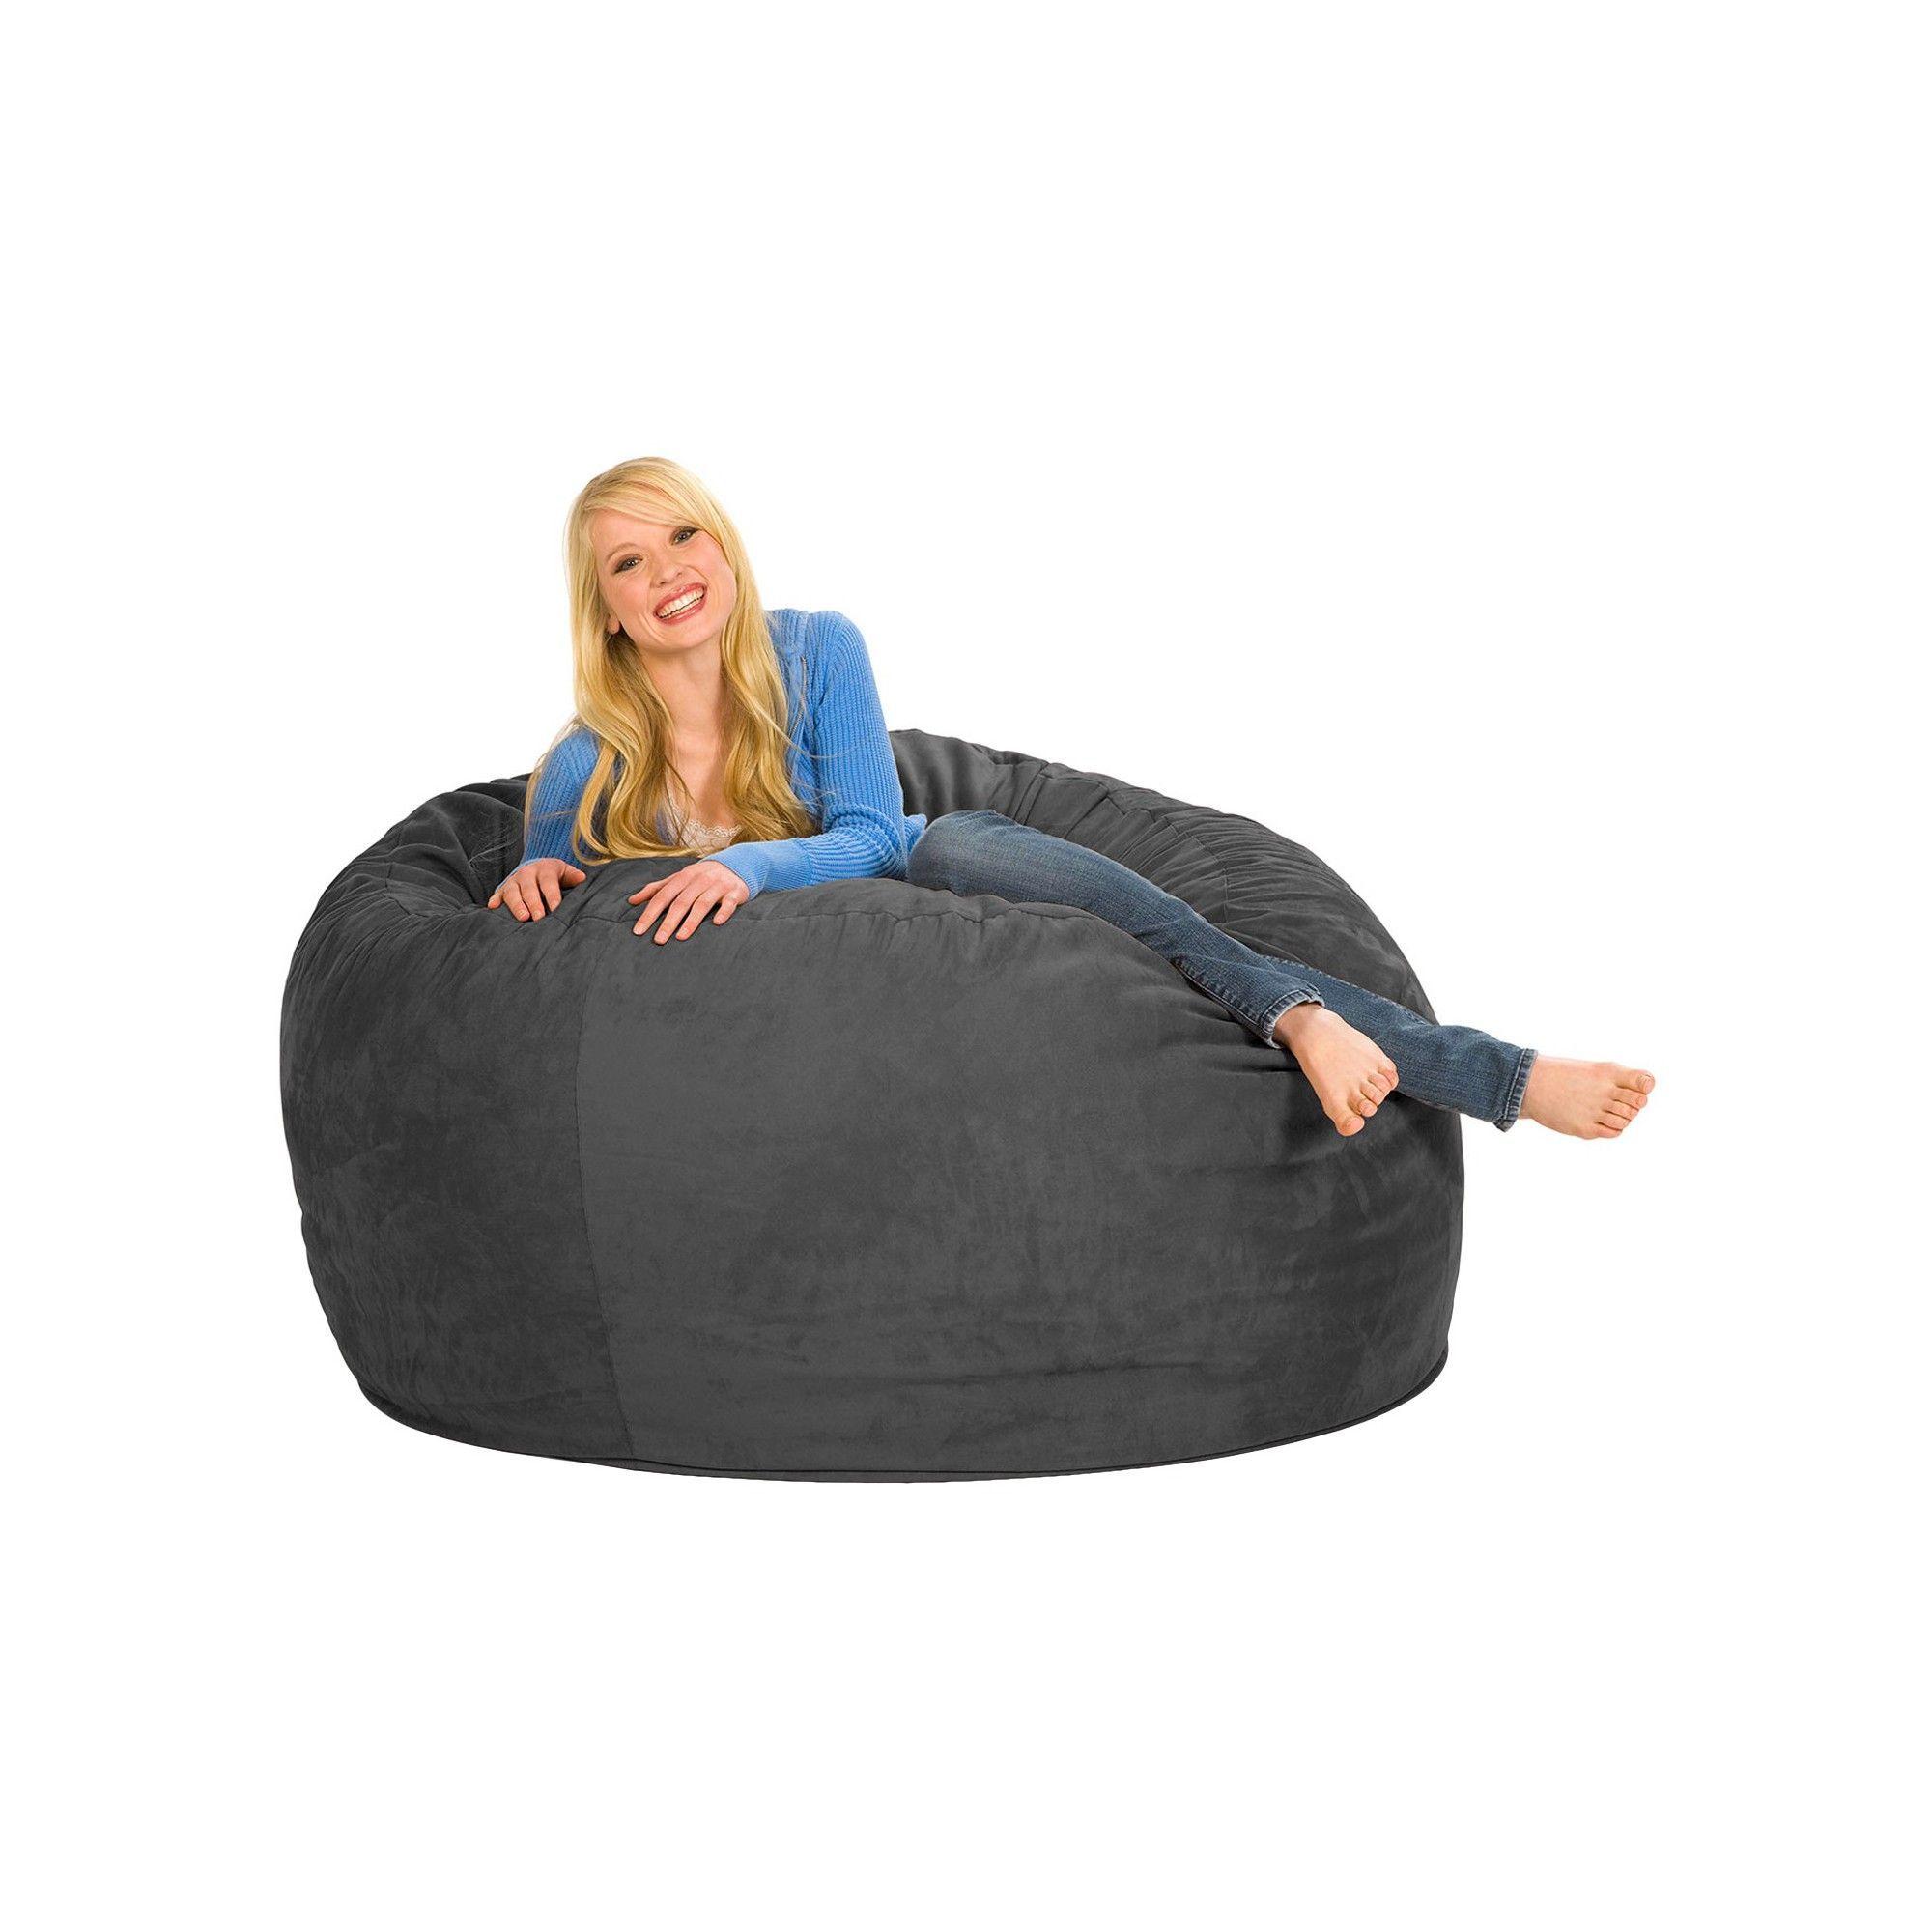 Peachy Large Memory Foam Bean Bag 5 Ft Charcoal Relax Sacks Short Links Chair Design For Home Short Linksinfo